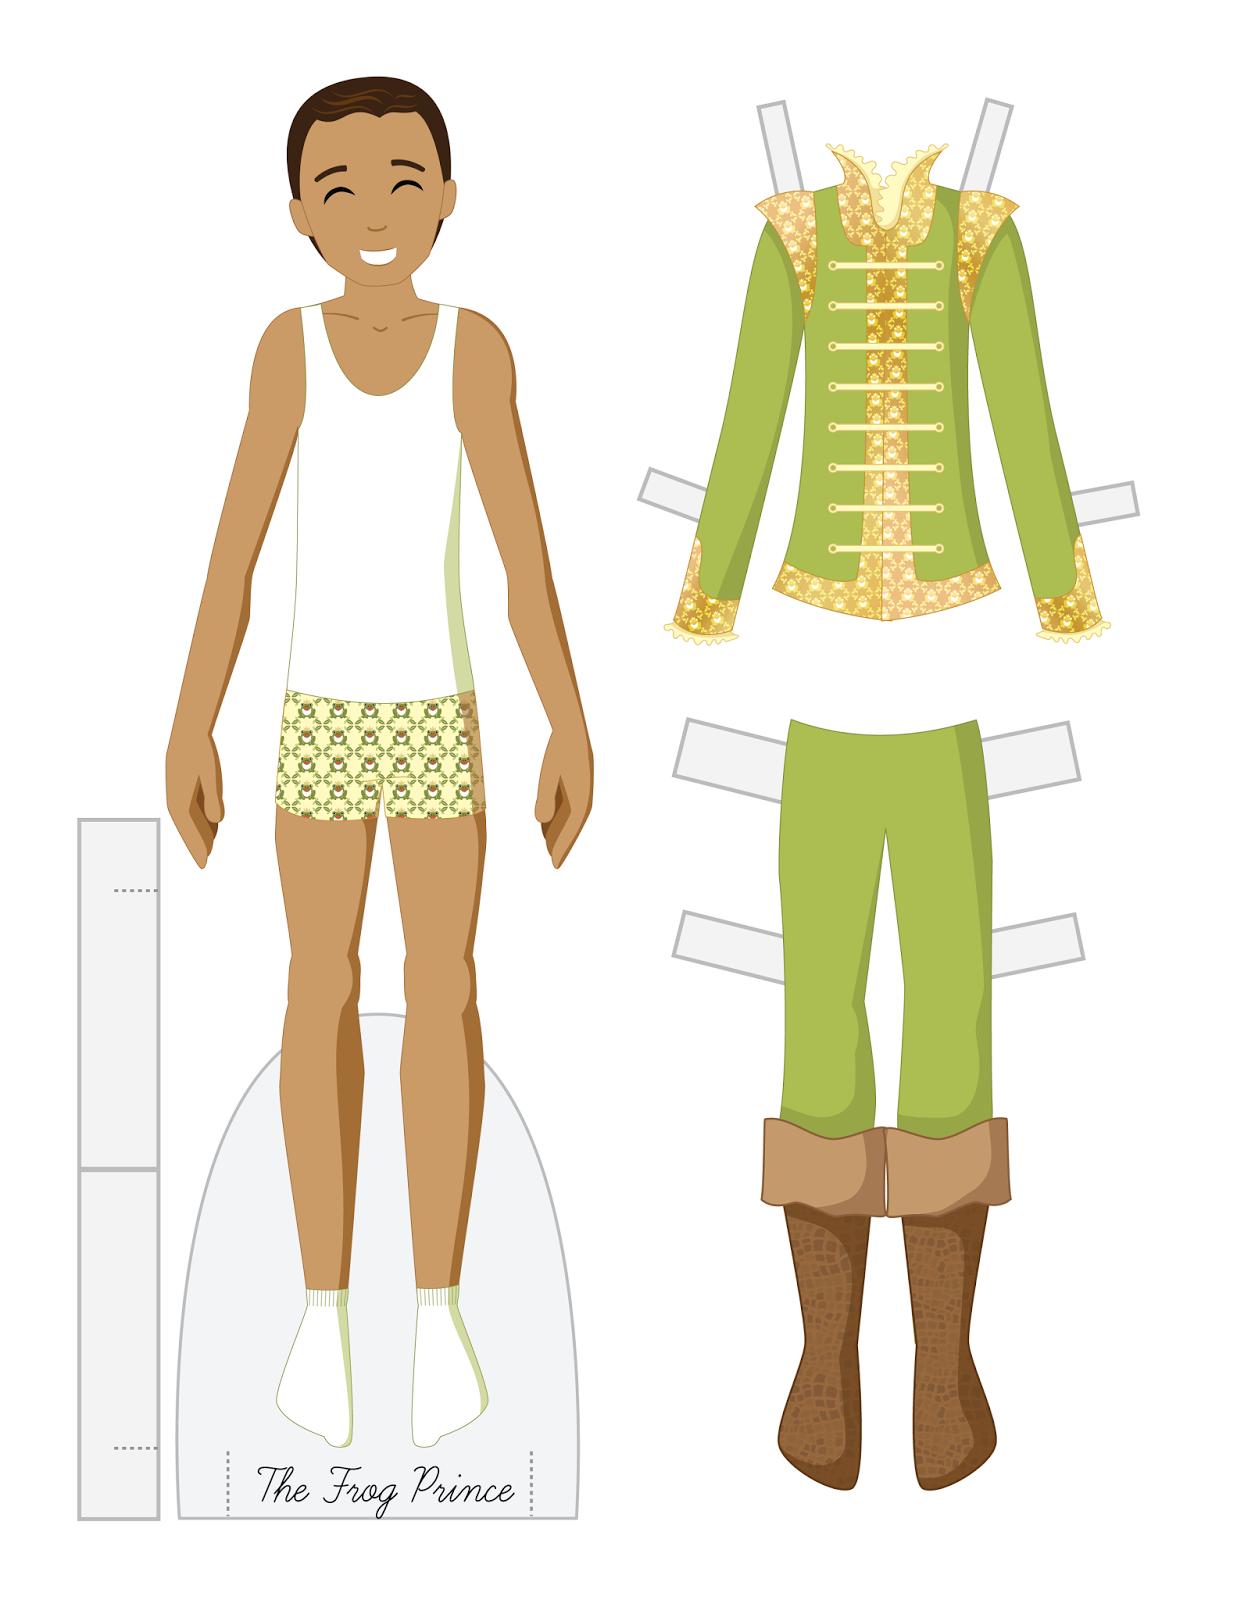 шаблоны мужской одежды для вырезания прочим клитор так